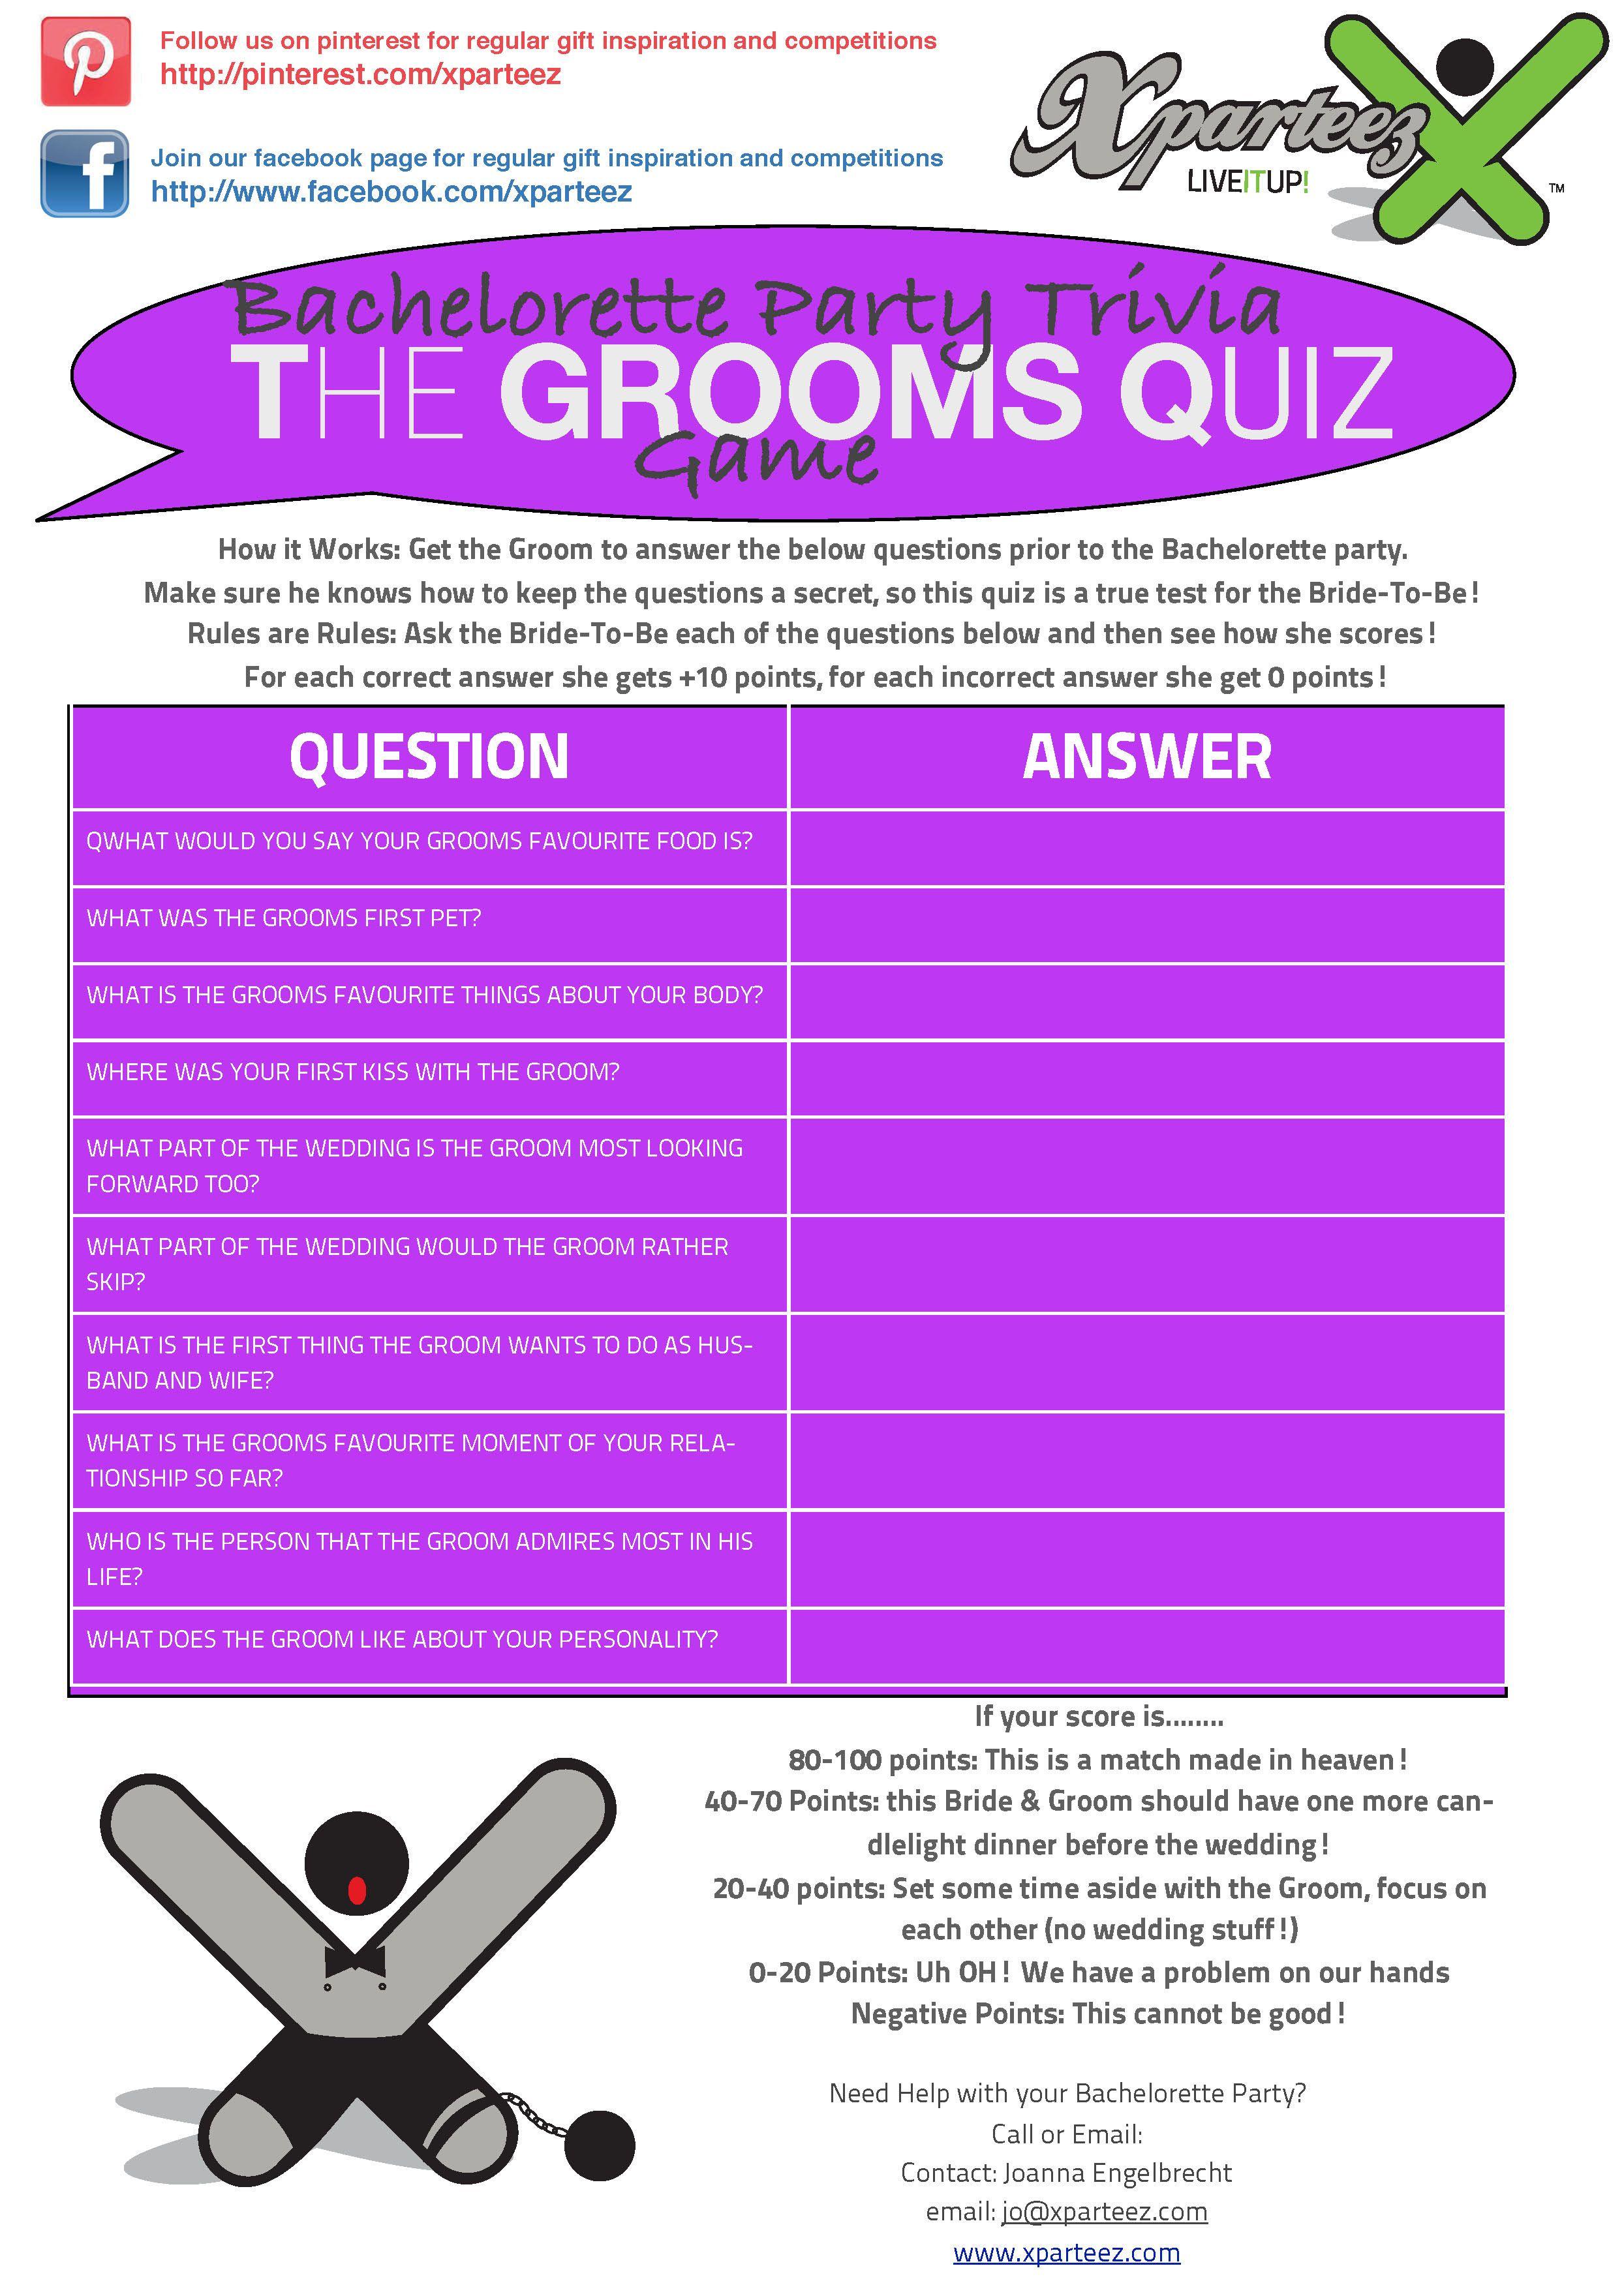 Bachelorette groom quiz